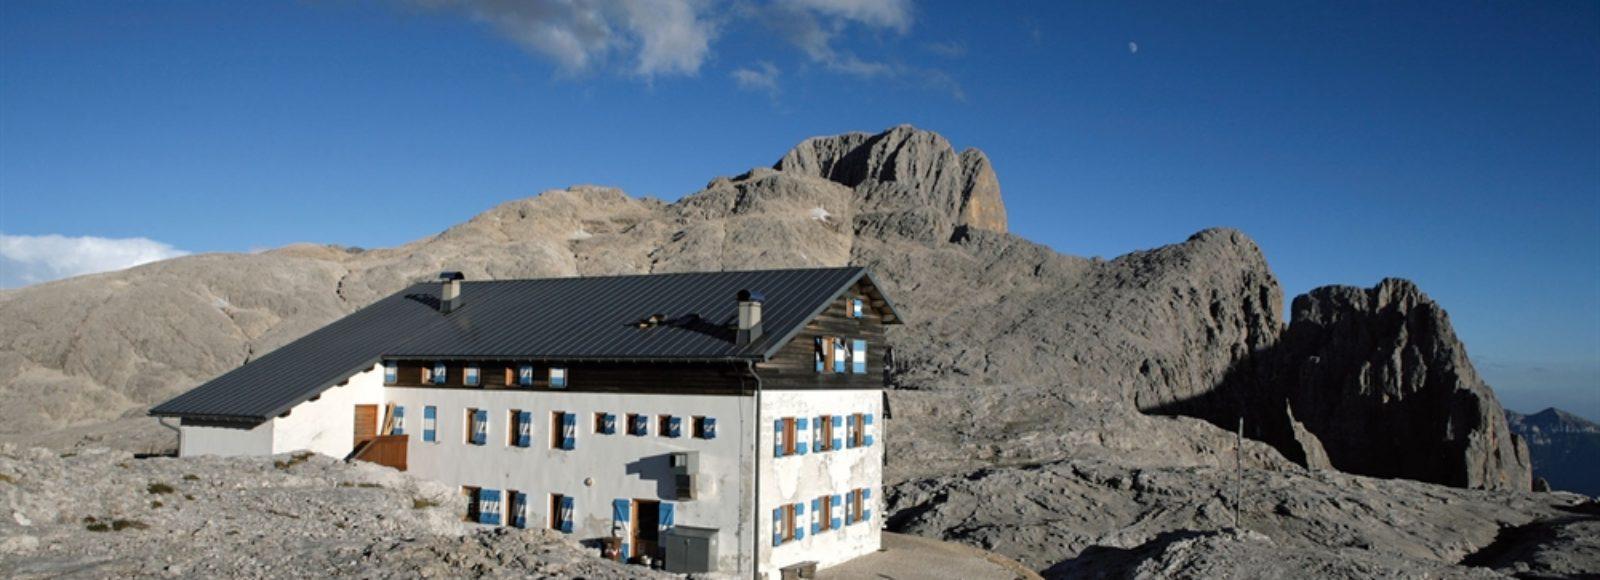 Pale di San Martino - Rifugio Rosetta